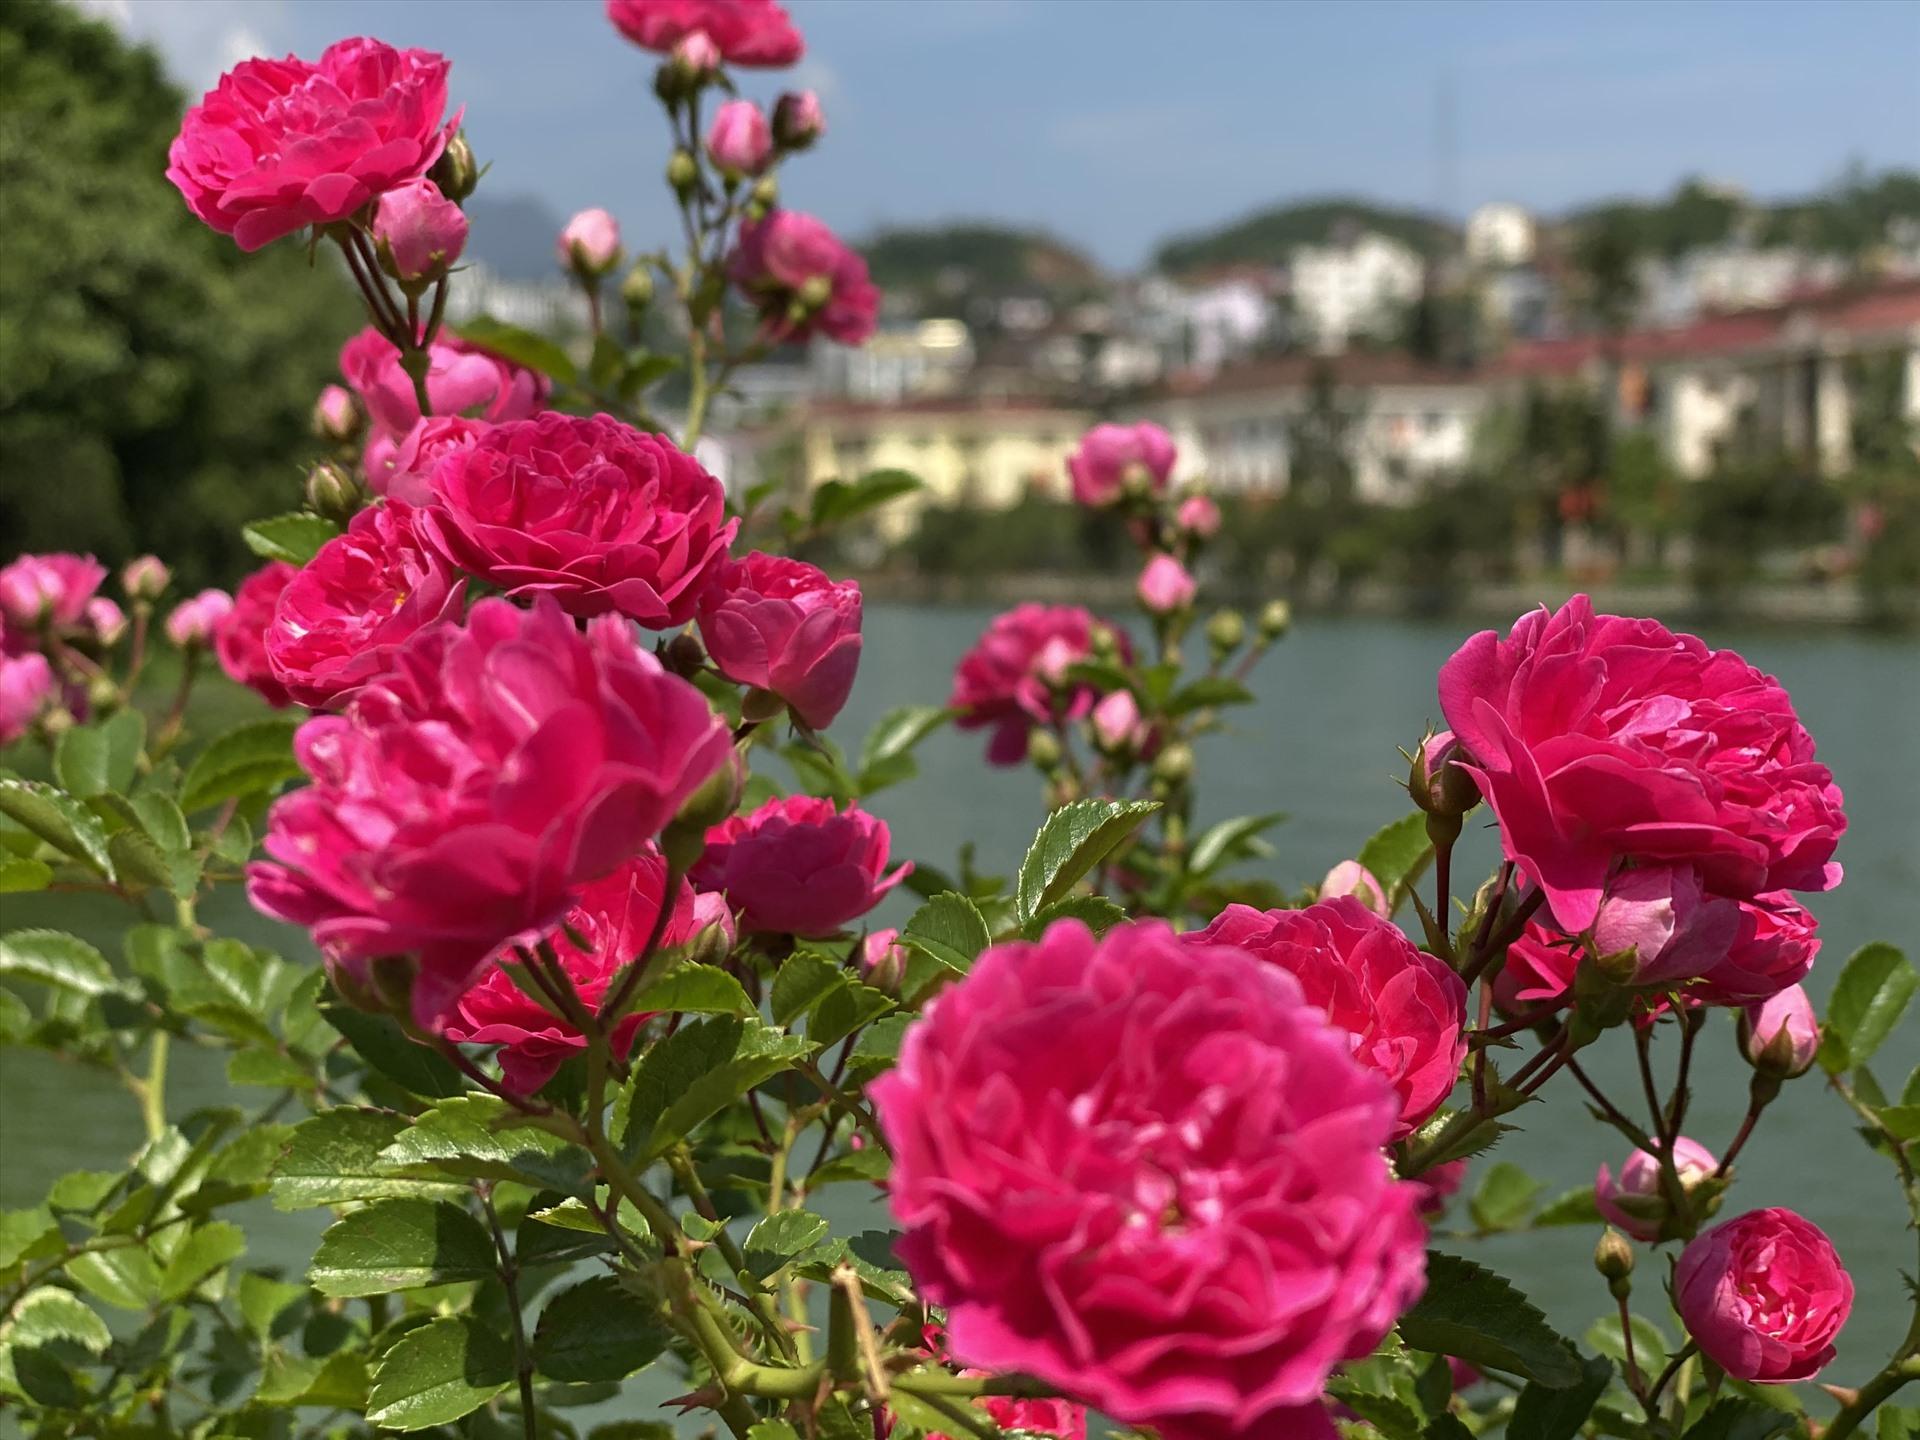 Một số loại hoa quý hiếm cũng được trồng tại đây, giúp du khách dễ dàng chiêm ngưỡng vẻ đẹp.